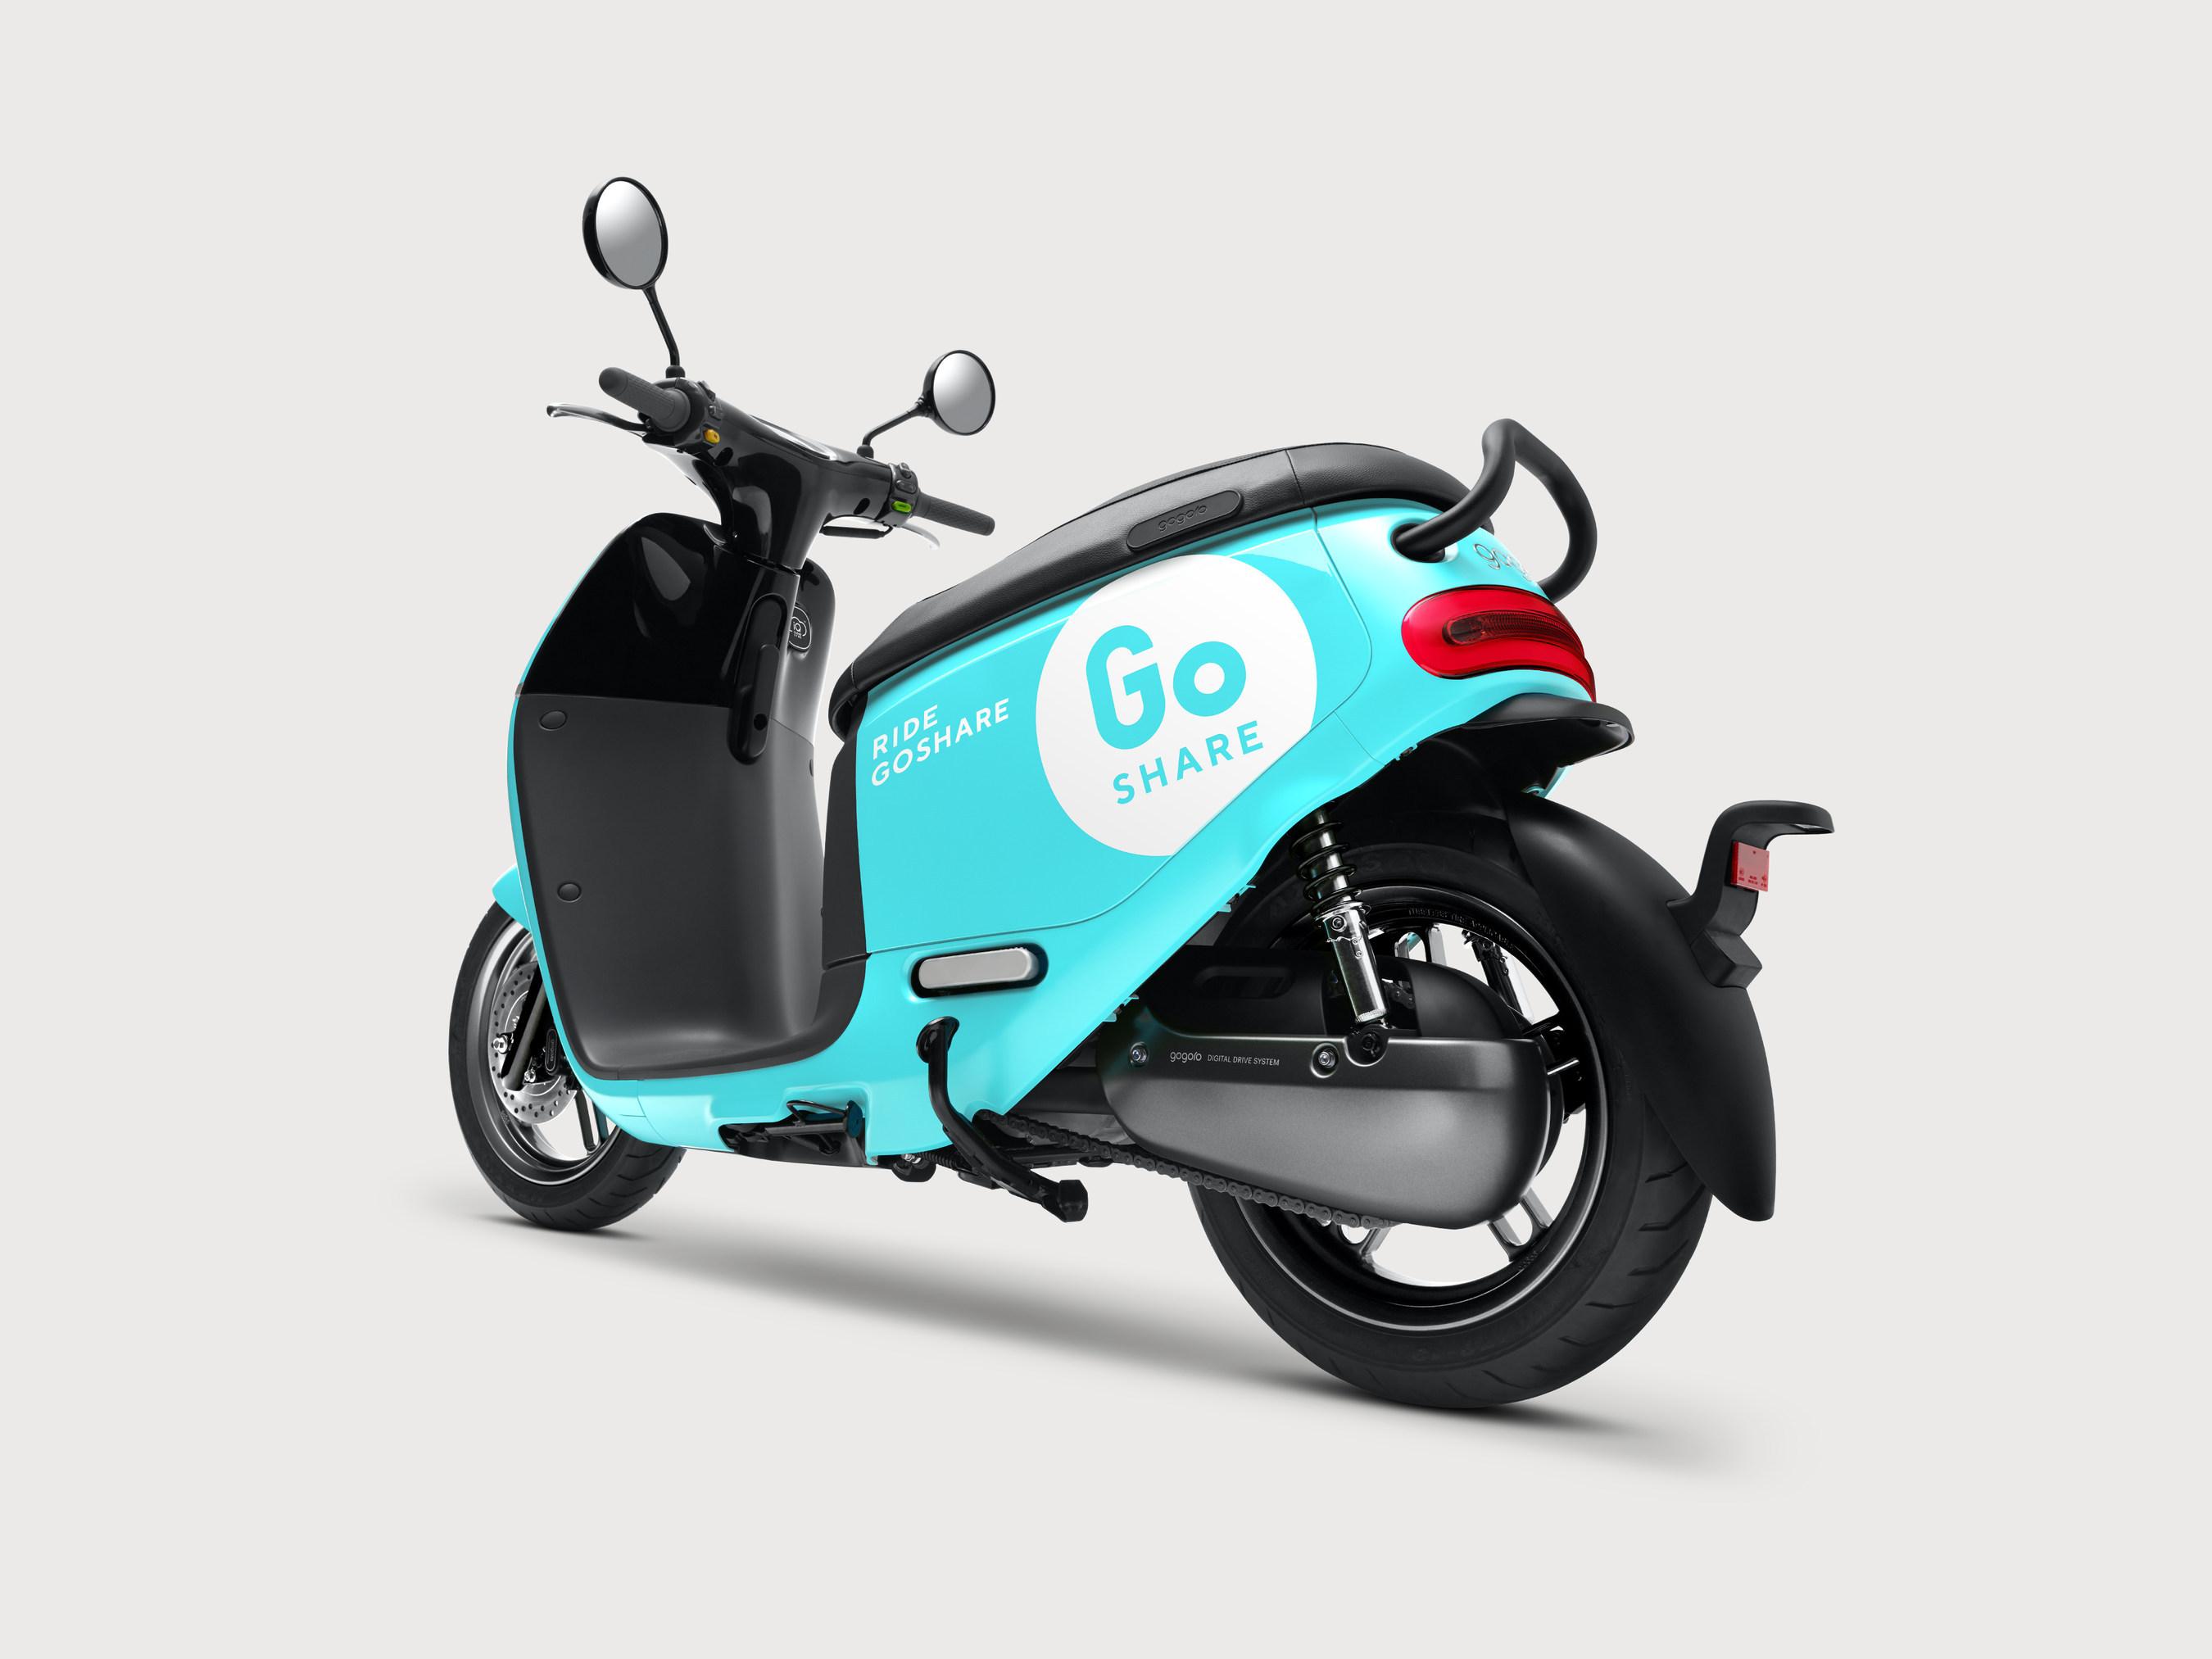 Gogoro GoShare-scooter